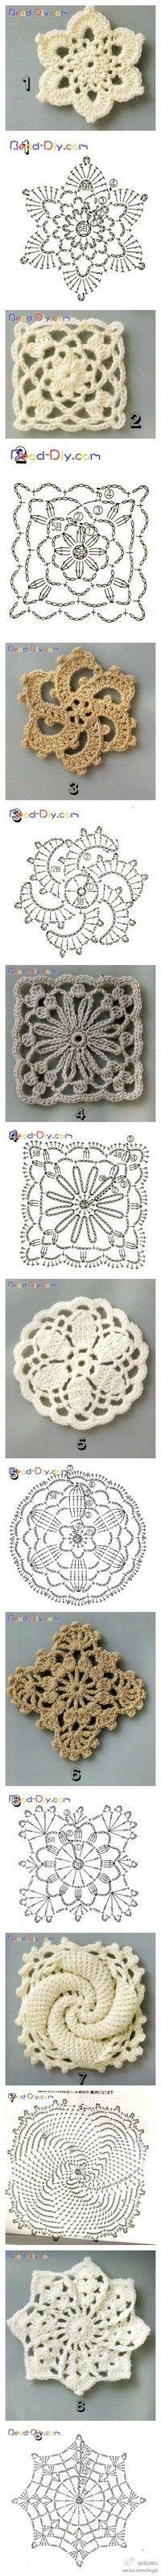 hæklede firkanter med blomster